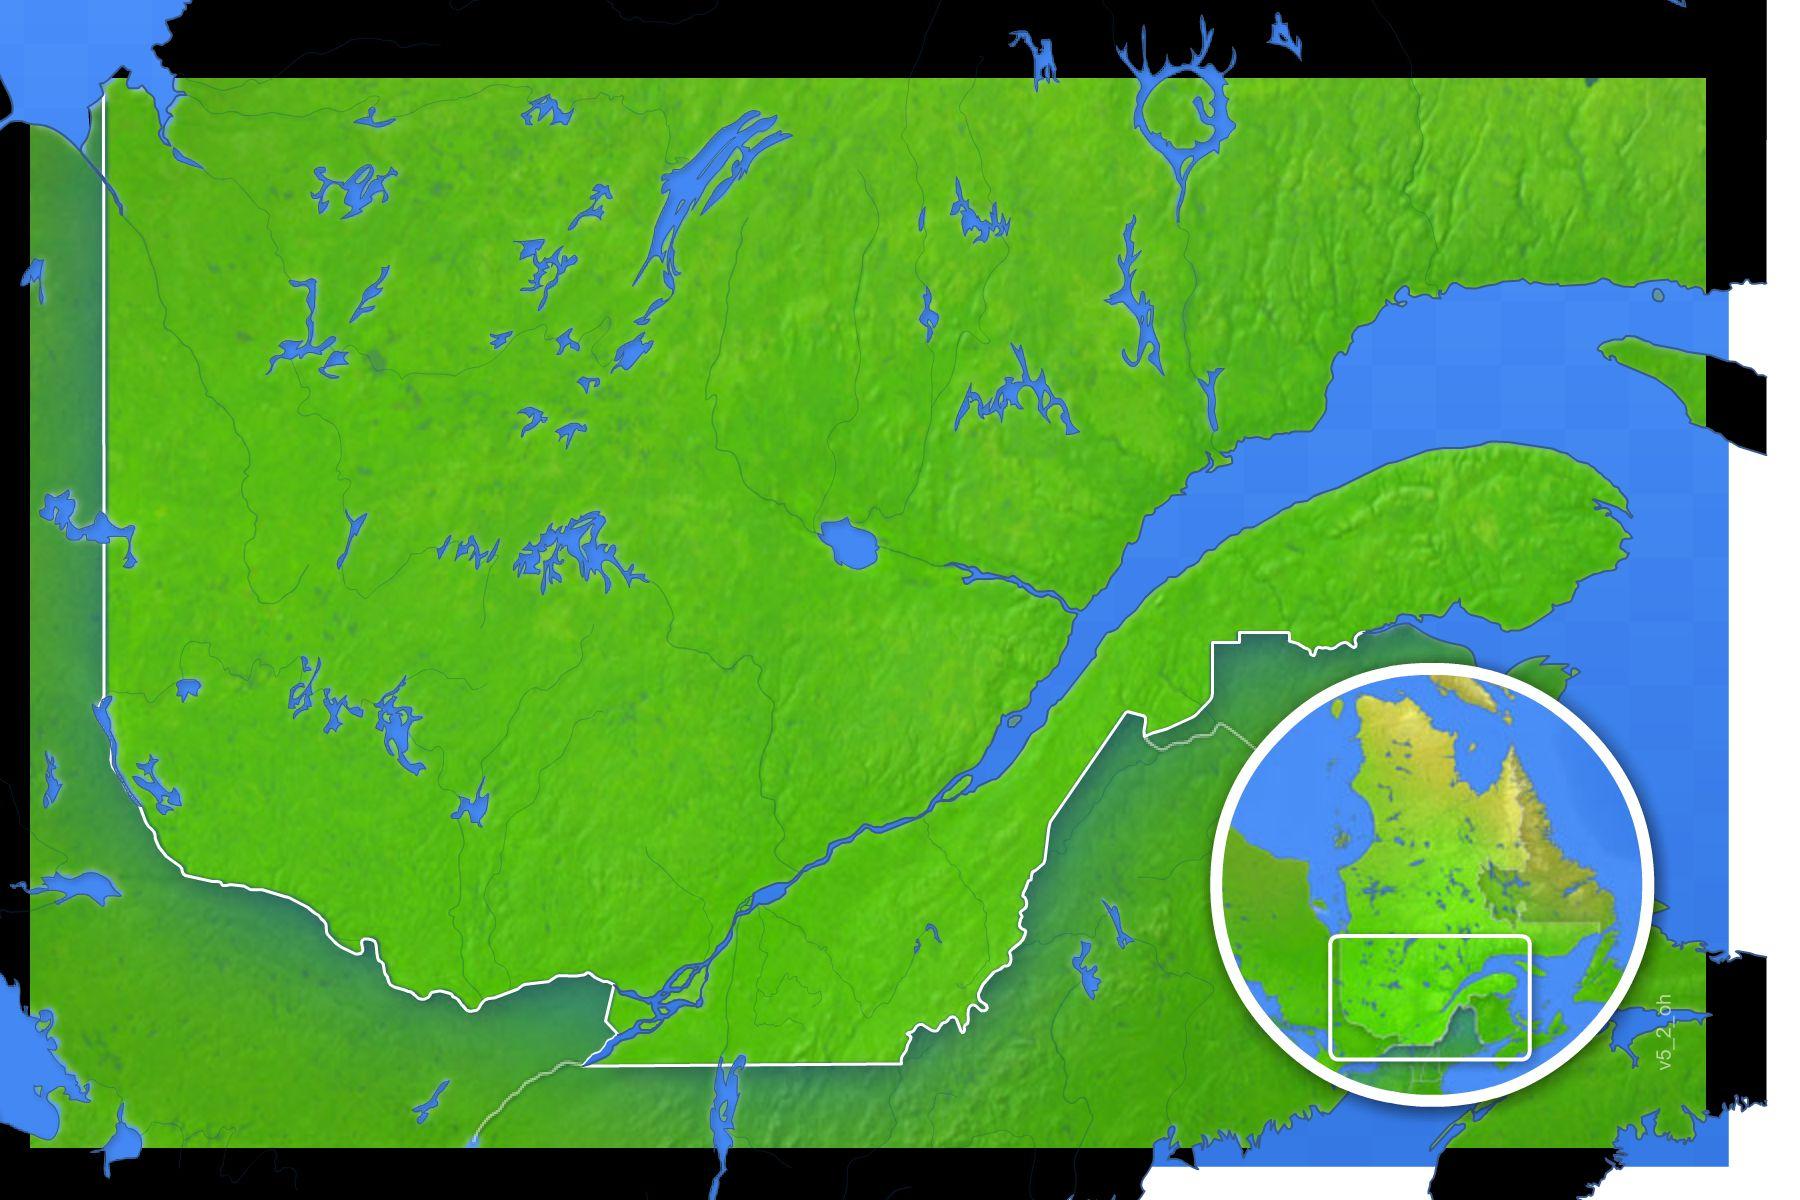 Jeux-Geographiques Jeux Gratuits Jeu Villes Du Quebec tout Jeux Geographique Ville De France